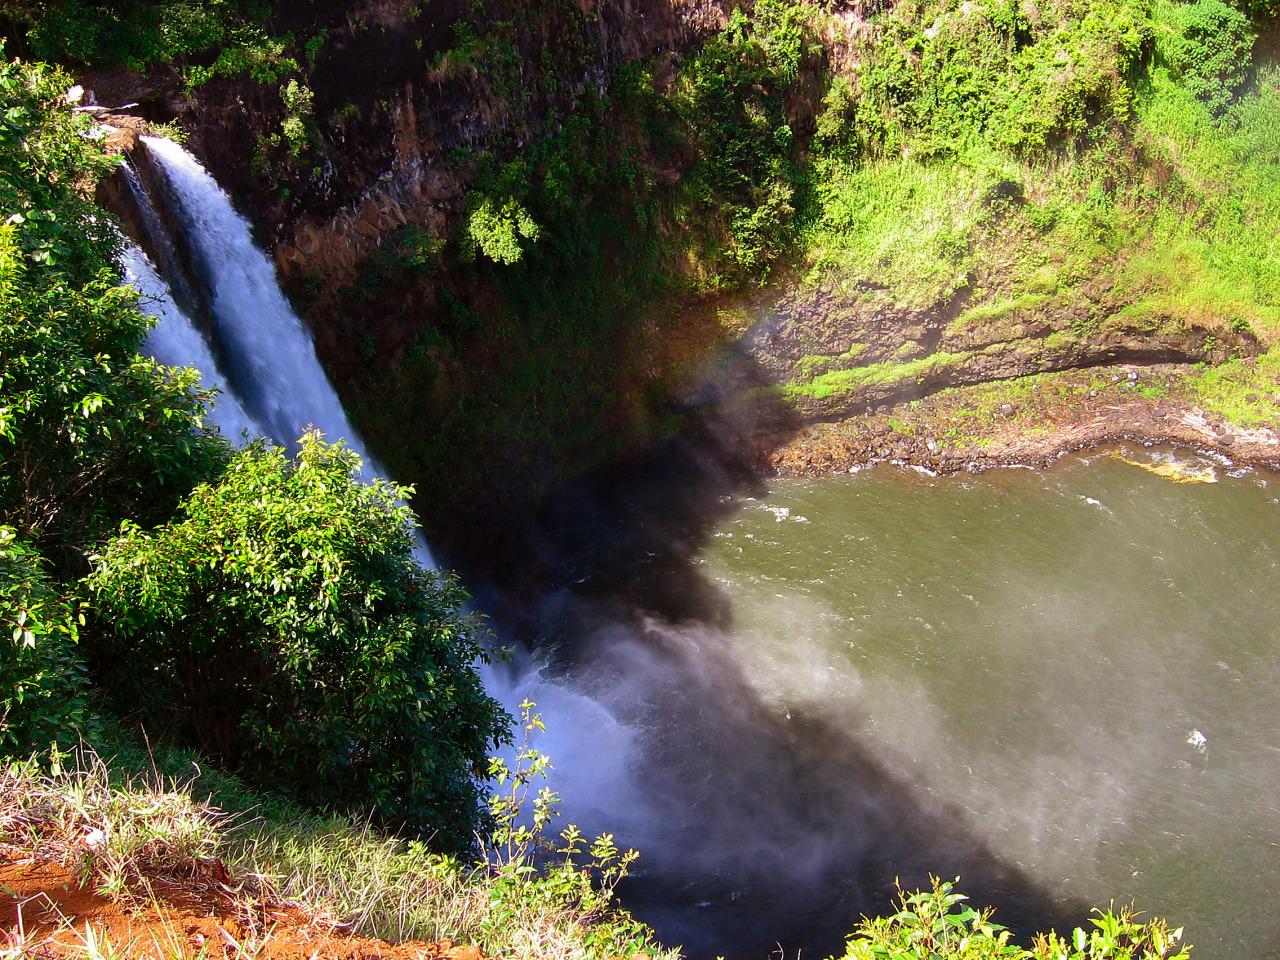 Rainbow at the Wailua falls in Kauai, Hawaii